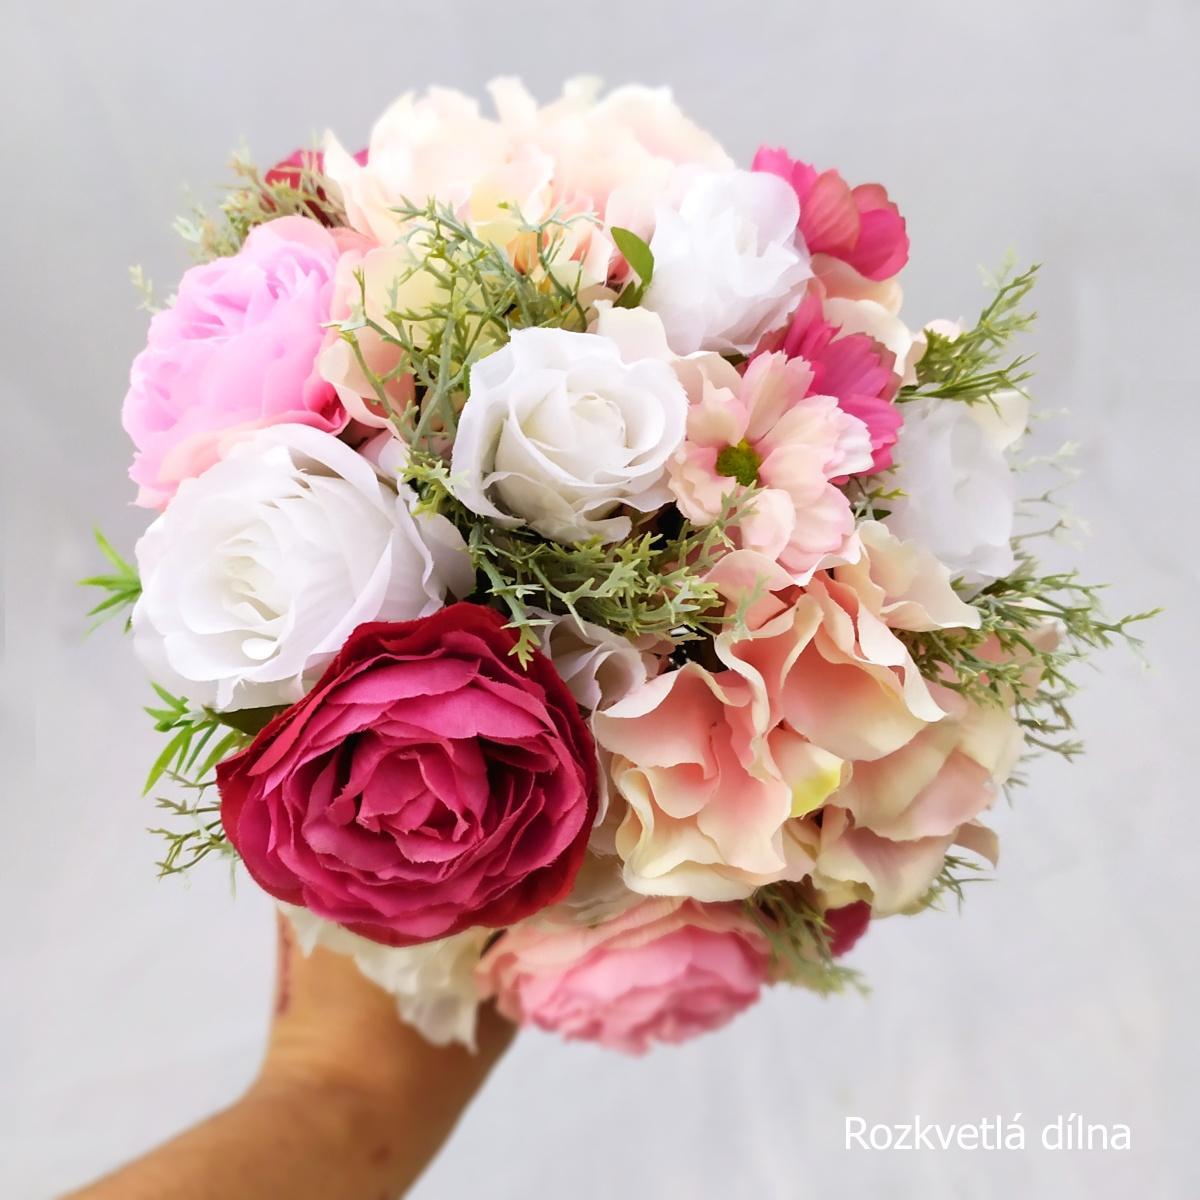 Romantická v růžové, umělá kytice - Obrázek č. 3